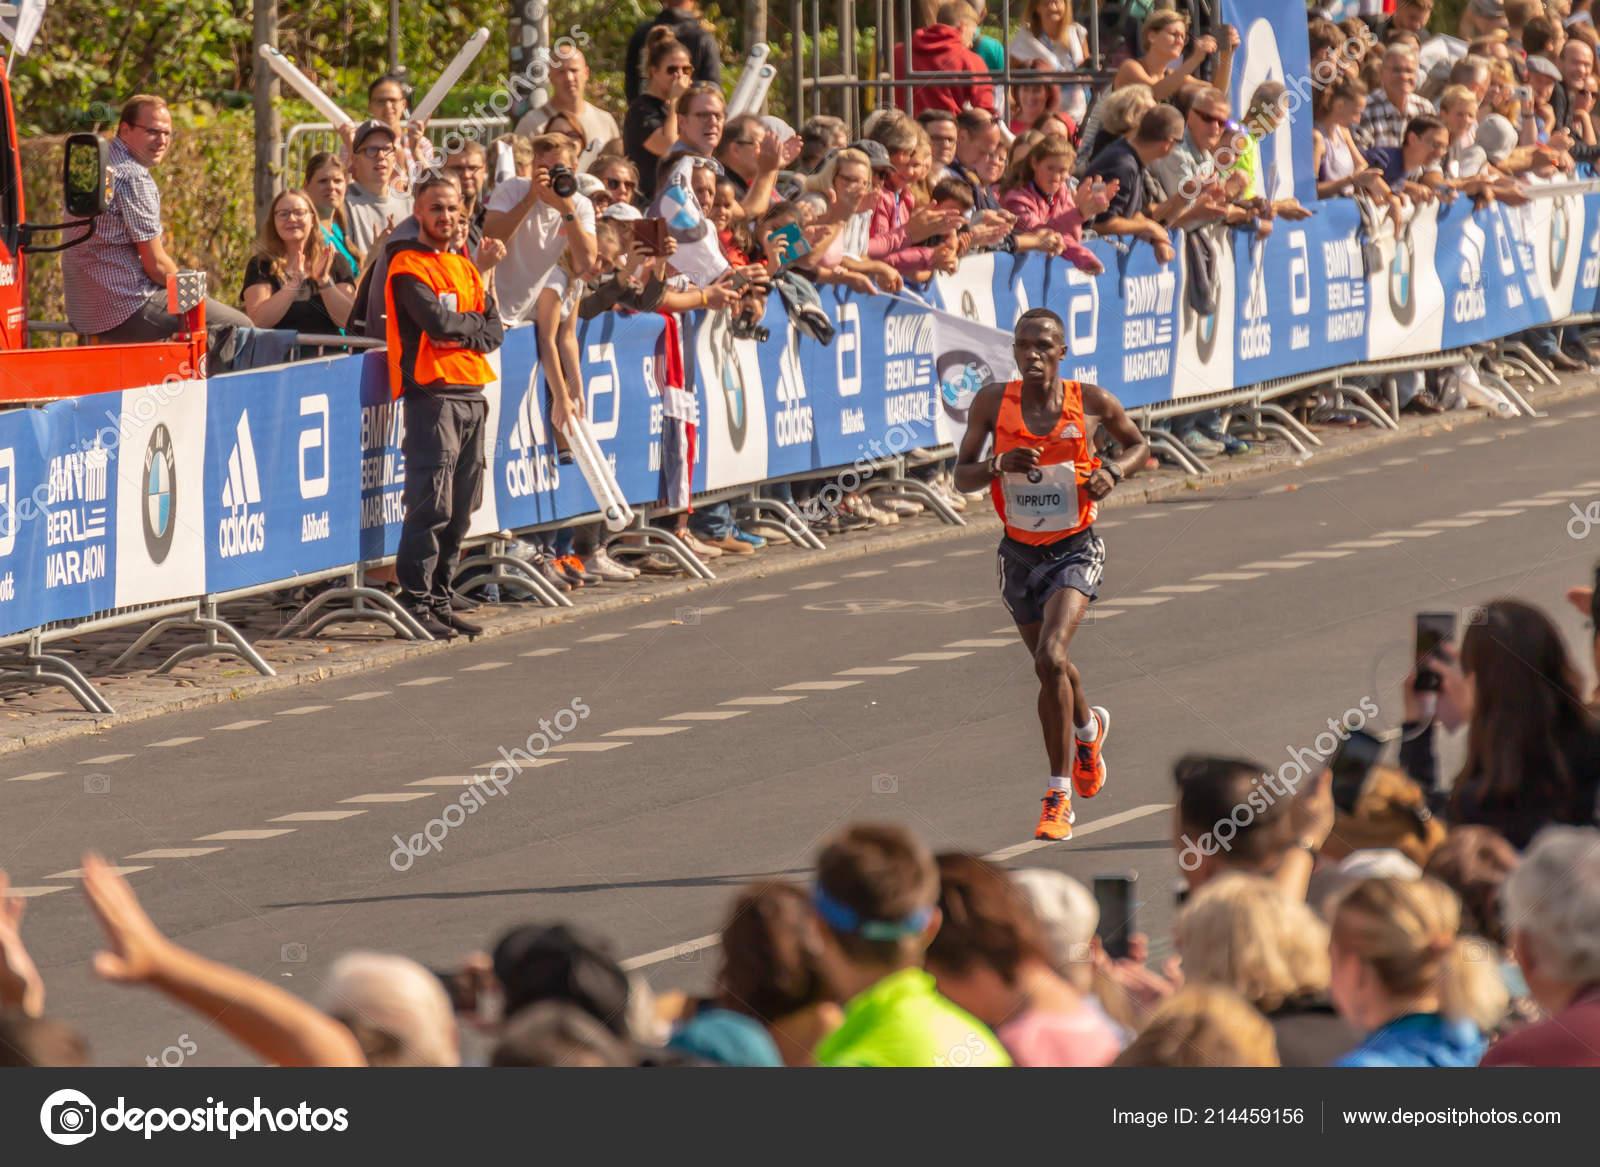 Výsledek obrázku pro berlínský maraton 2018